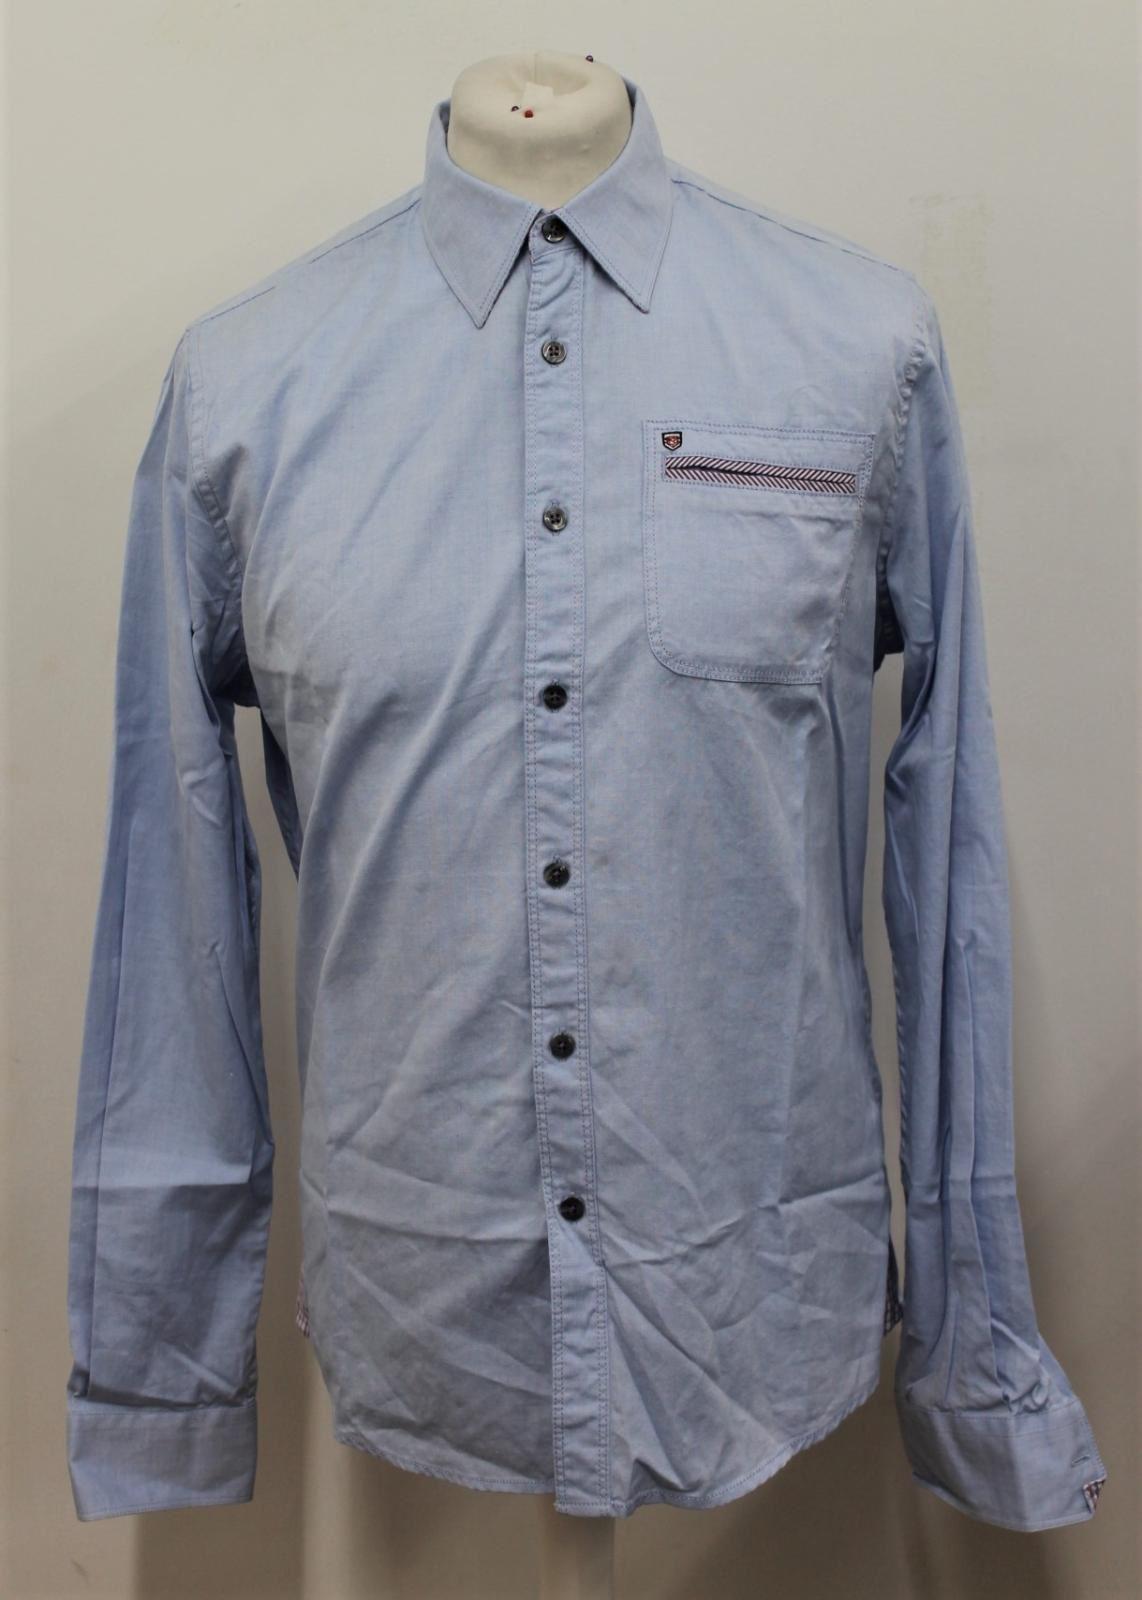 BNWT Dubarry uomo ballsbridge blu manica lunga puro cotone Camicia Taglia S